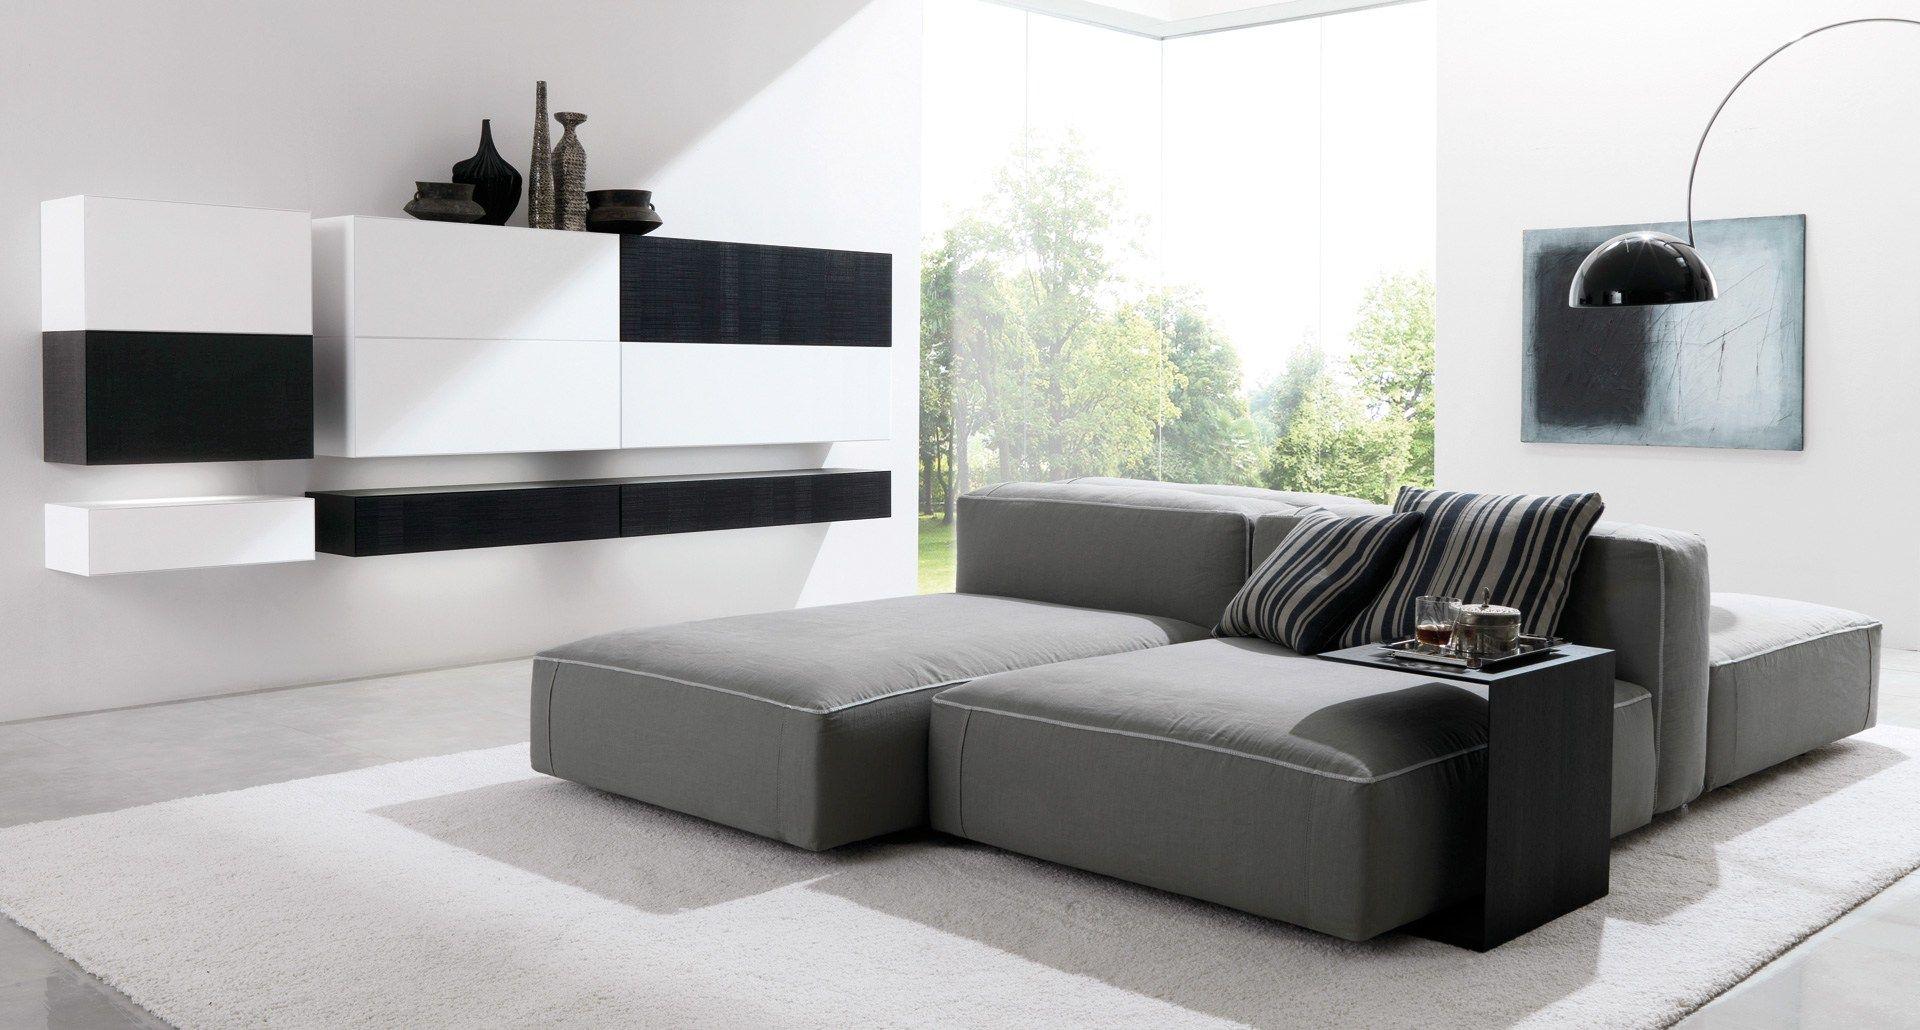 Table Tv Avec Element Id Es De D Coration Et De Mobilier Pour La  # Finlandek Meuble Tv